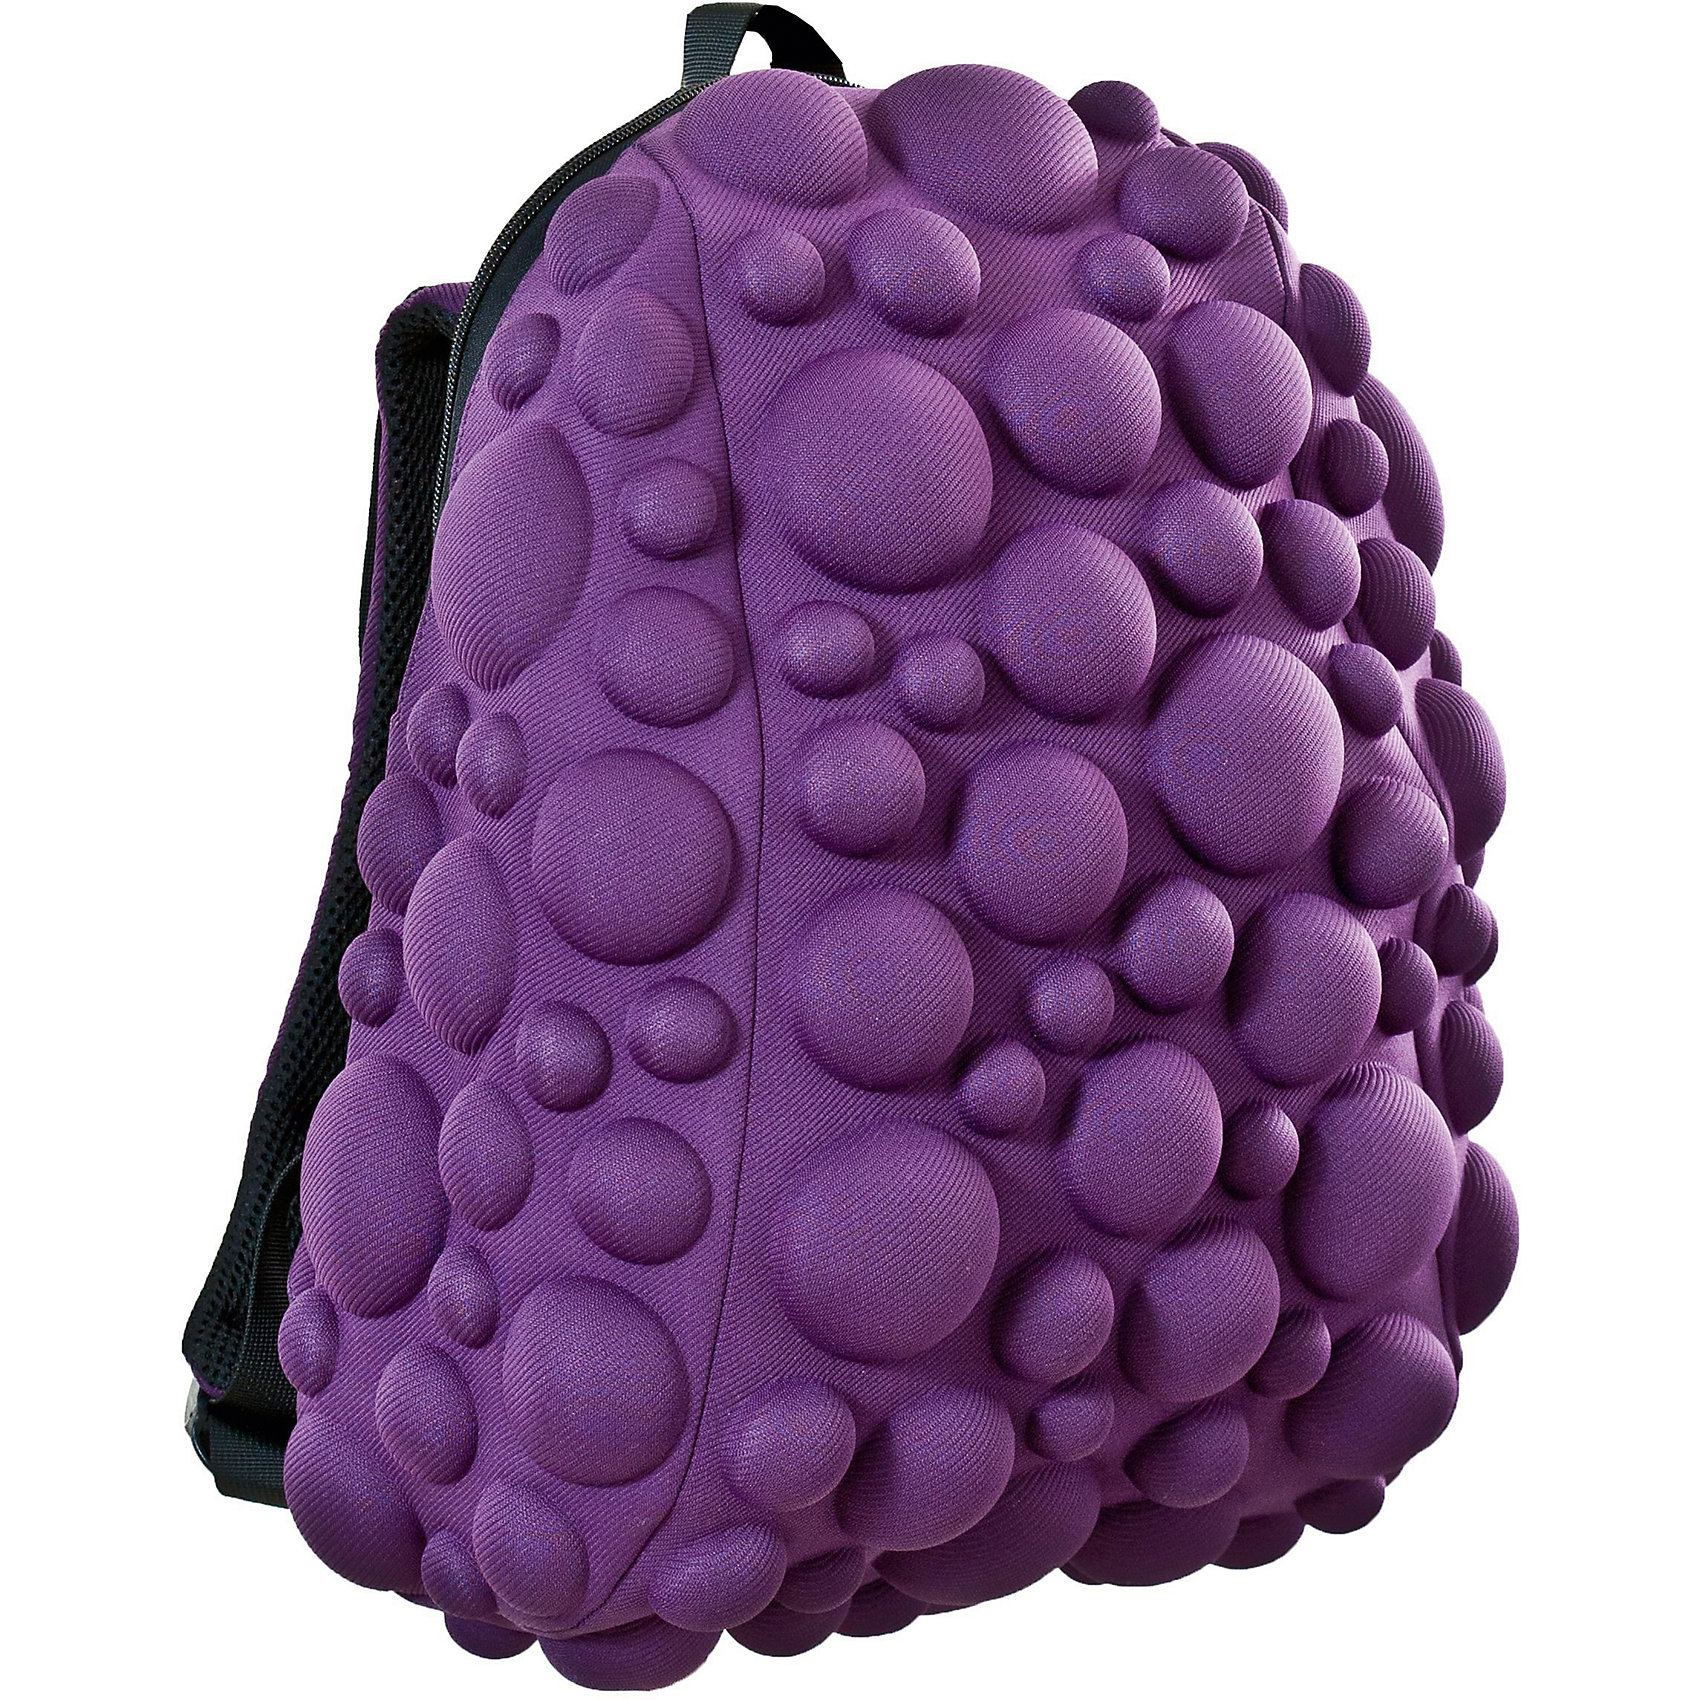 Рюкзак Bubble HalfЛегкий и вместительный рюкзак с одним основным отделением с застежкой на молниии. В основное отделение с легкостью входит ноутбук  размером диагонали 13 дюймов, iPad и формат А4. Незаменимый аксессуар как для активного городского жителя, так и для школьников и студентов. Широкие лямки можно регулировать для наиболее удобной посадки, а мягкая ортопедическая спинка делает ношение наиболее удобным и комфортным. Размер 35х30х15 см, цвет Slurple (фиолетовый), 100% полиспандекс, MadPax, США<br><br>Ширина мм: 35<br>Глубина мм: 30<br>Высота мм: 15<br>Вес г: 600<br>Возраст от месяцев: 84<br>Возраст до месяцев: 420<br>Пол: Унисекс<br>Возраст: Детский<br>SKU: 5344323